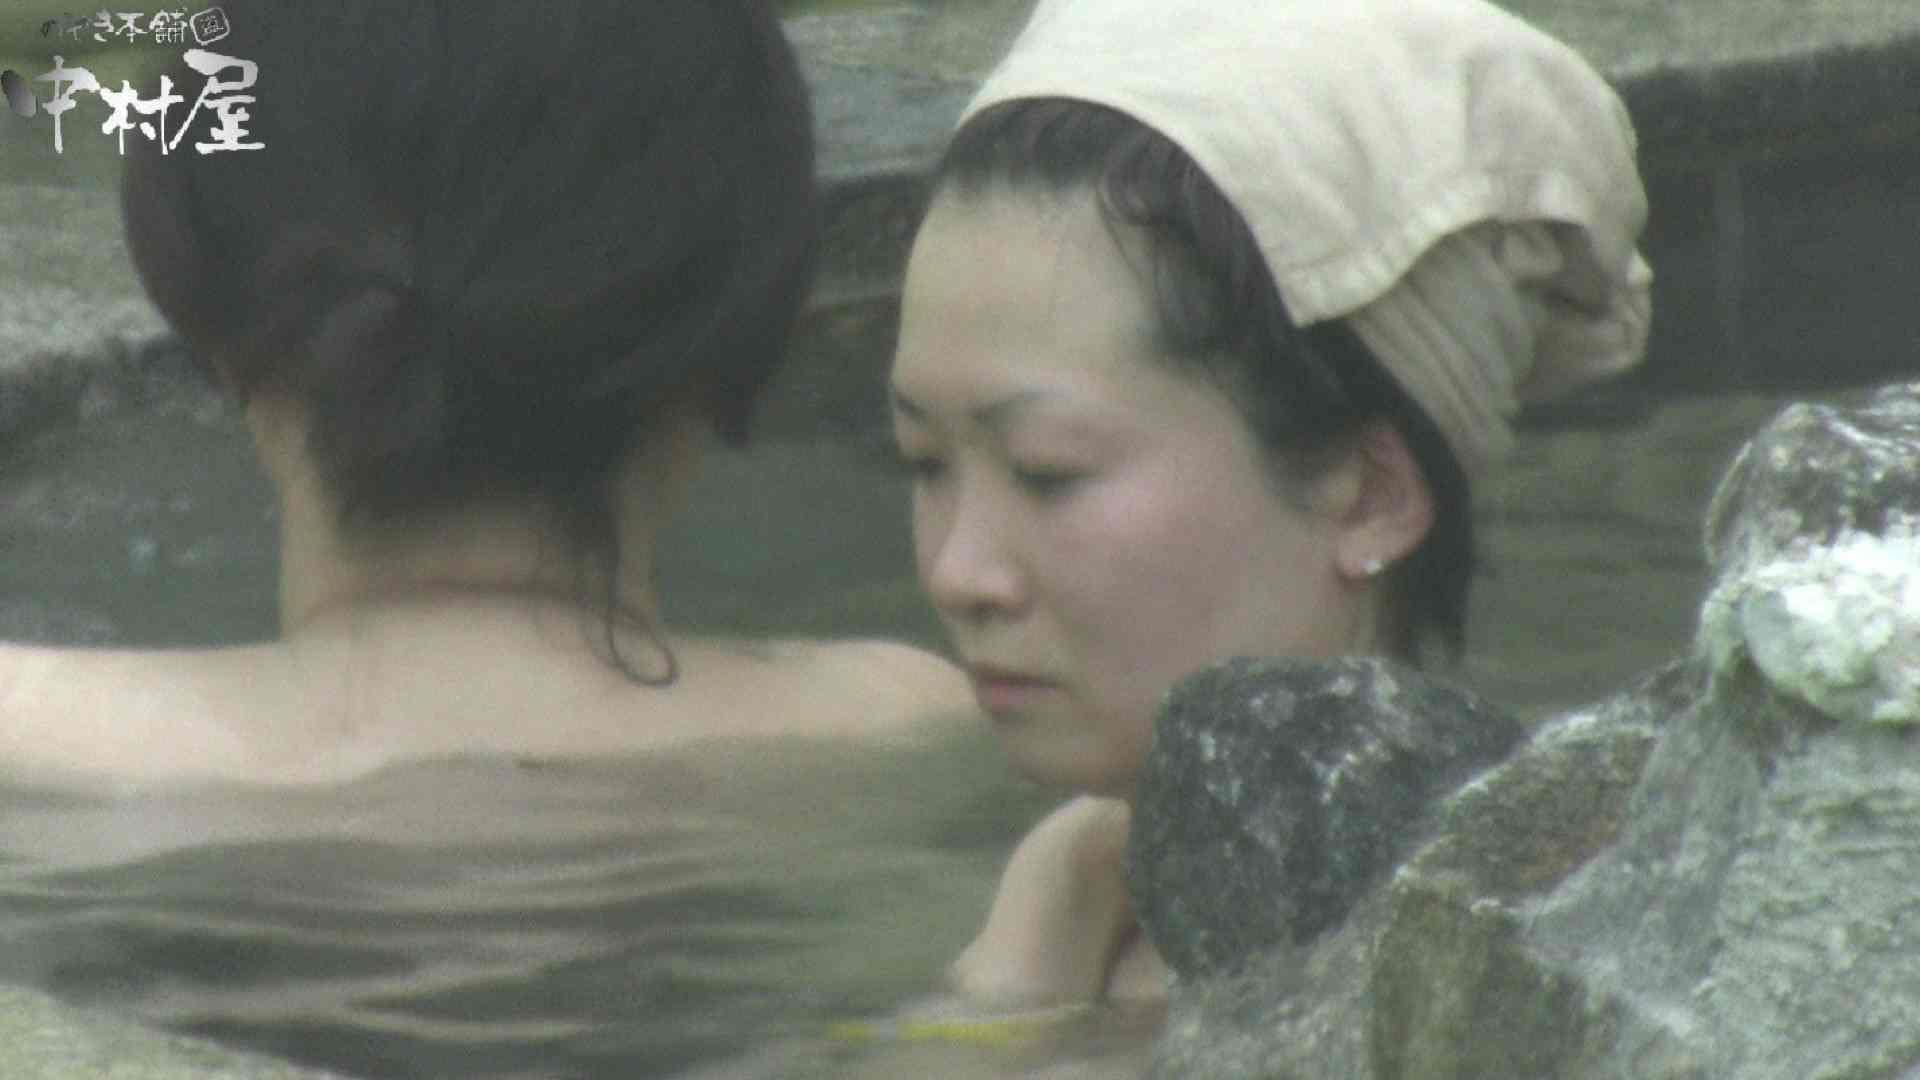 Aquaな露天風呂Vol.906 いやらしいOL 盗撮動画紹介 88連発 6